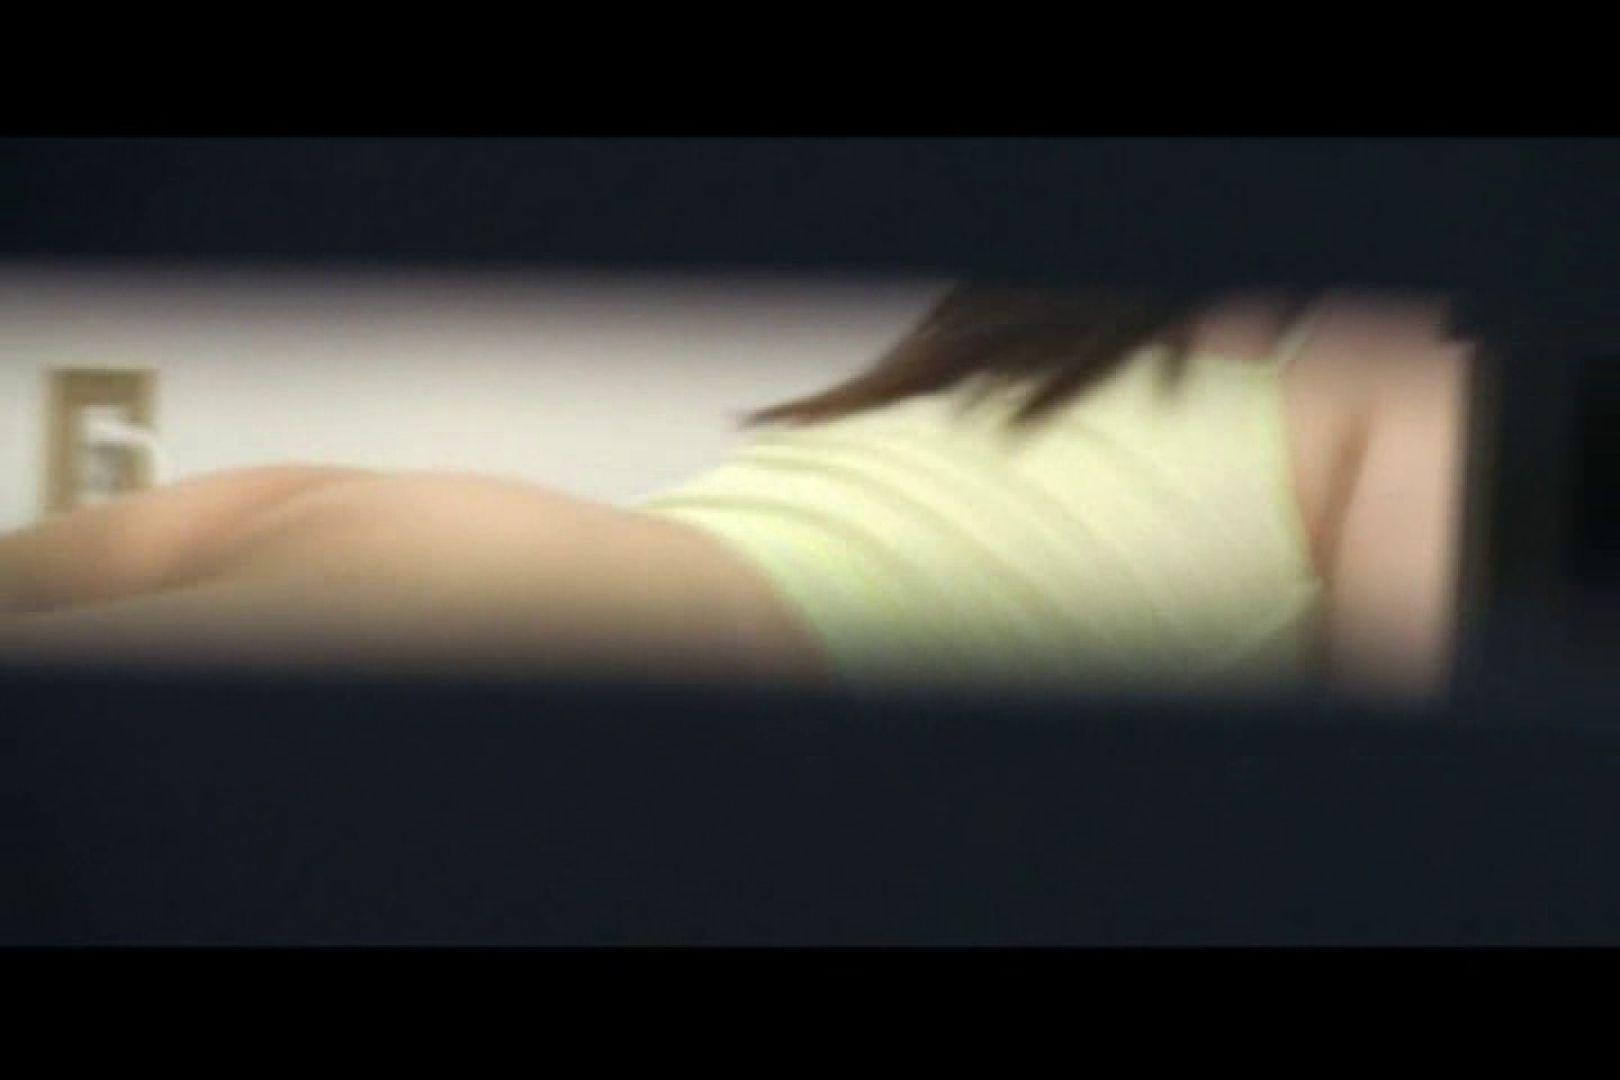 独占配信!無修正! 看護女子寮 vol.12 女子寮 オマンコ無修正動画無料 86連発 67